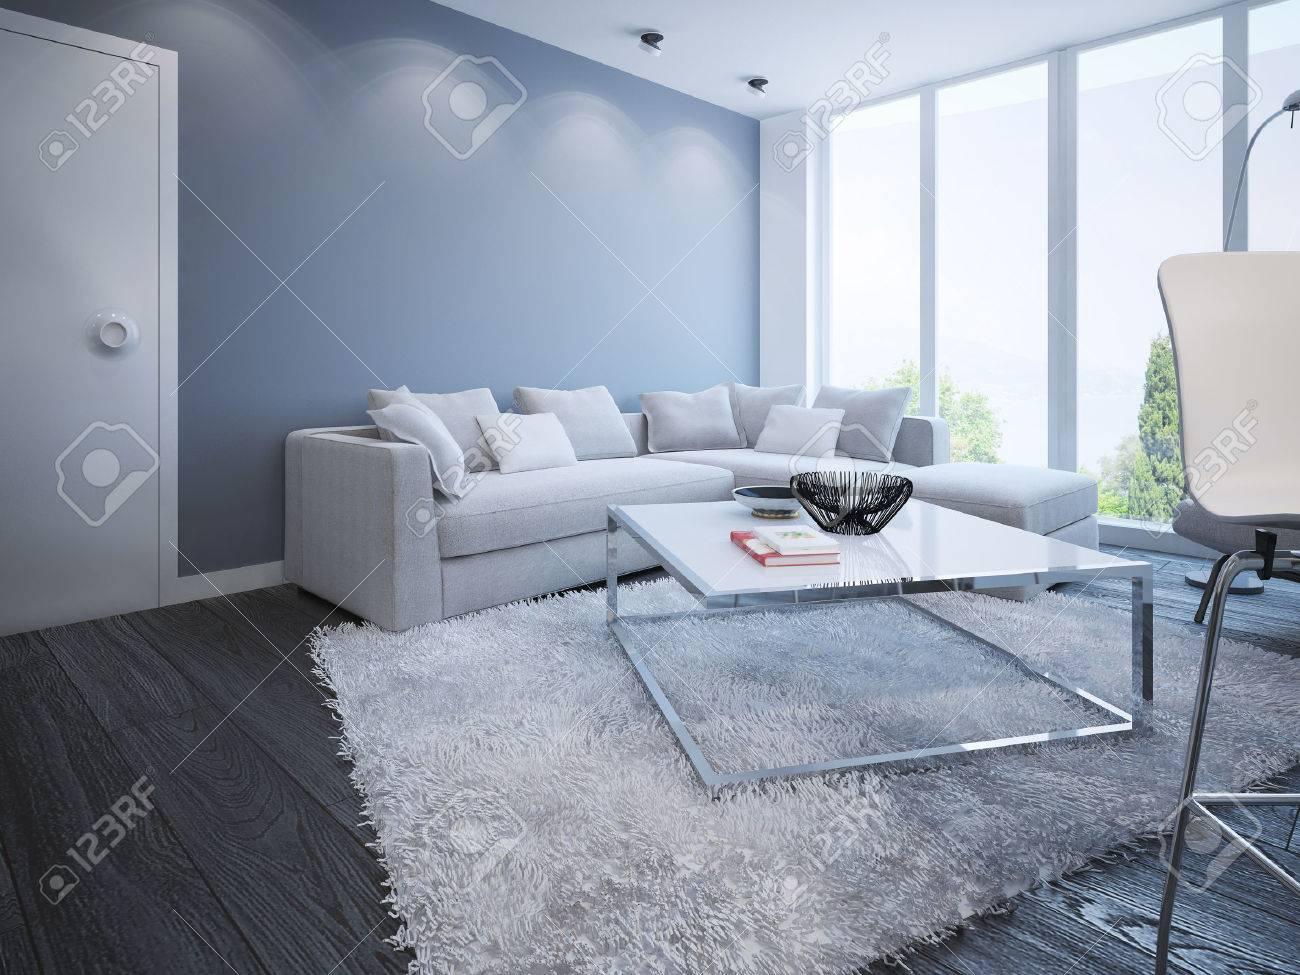 Stilvoll Wohnung Braun ~ Wohnzimmer skandinavisches design stilvolle wohnung mit